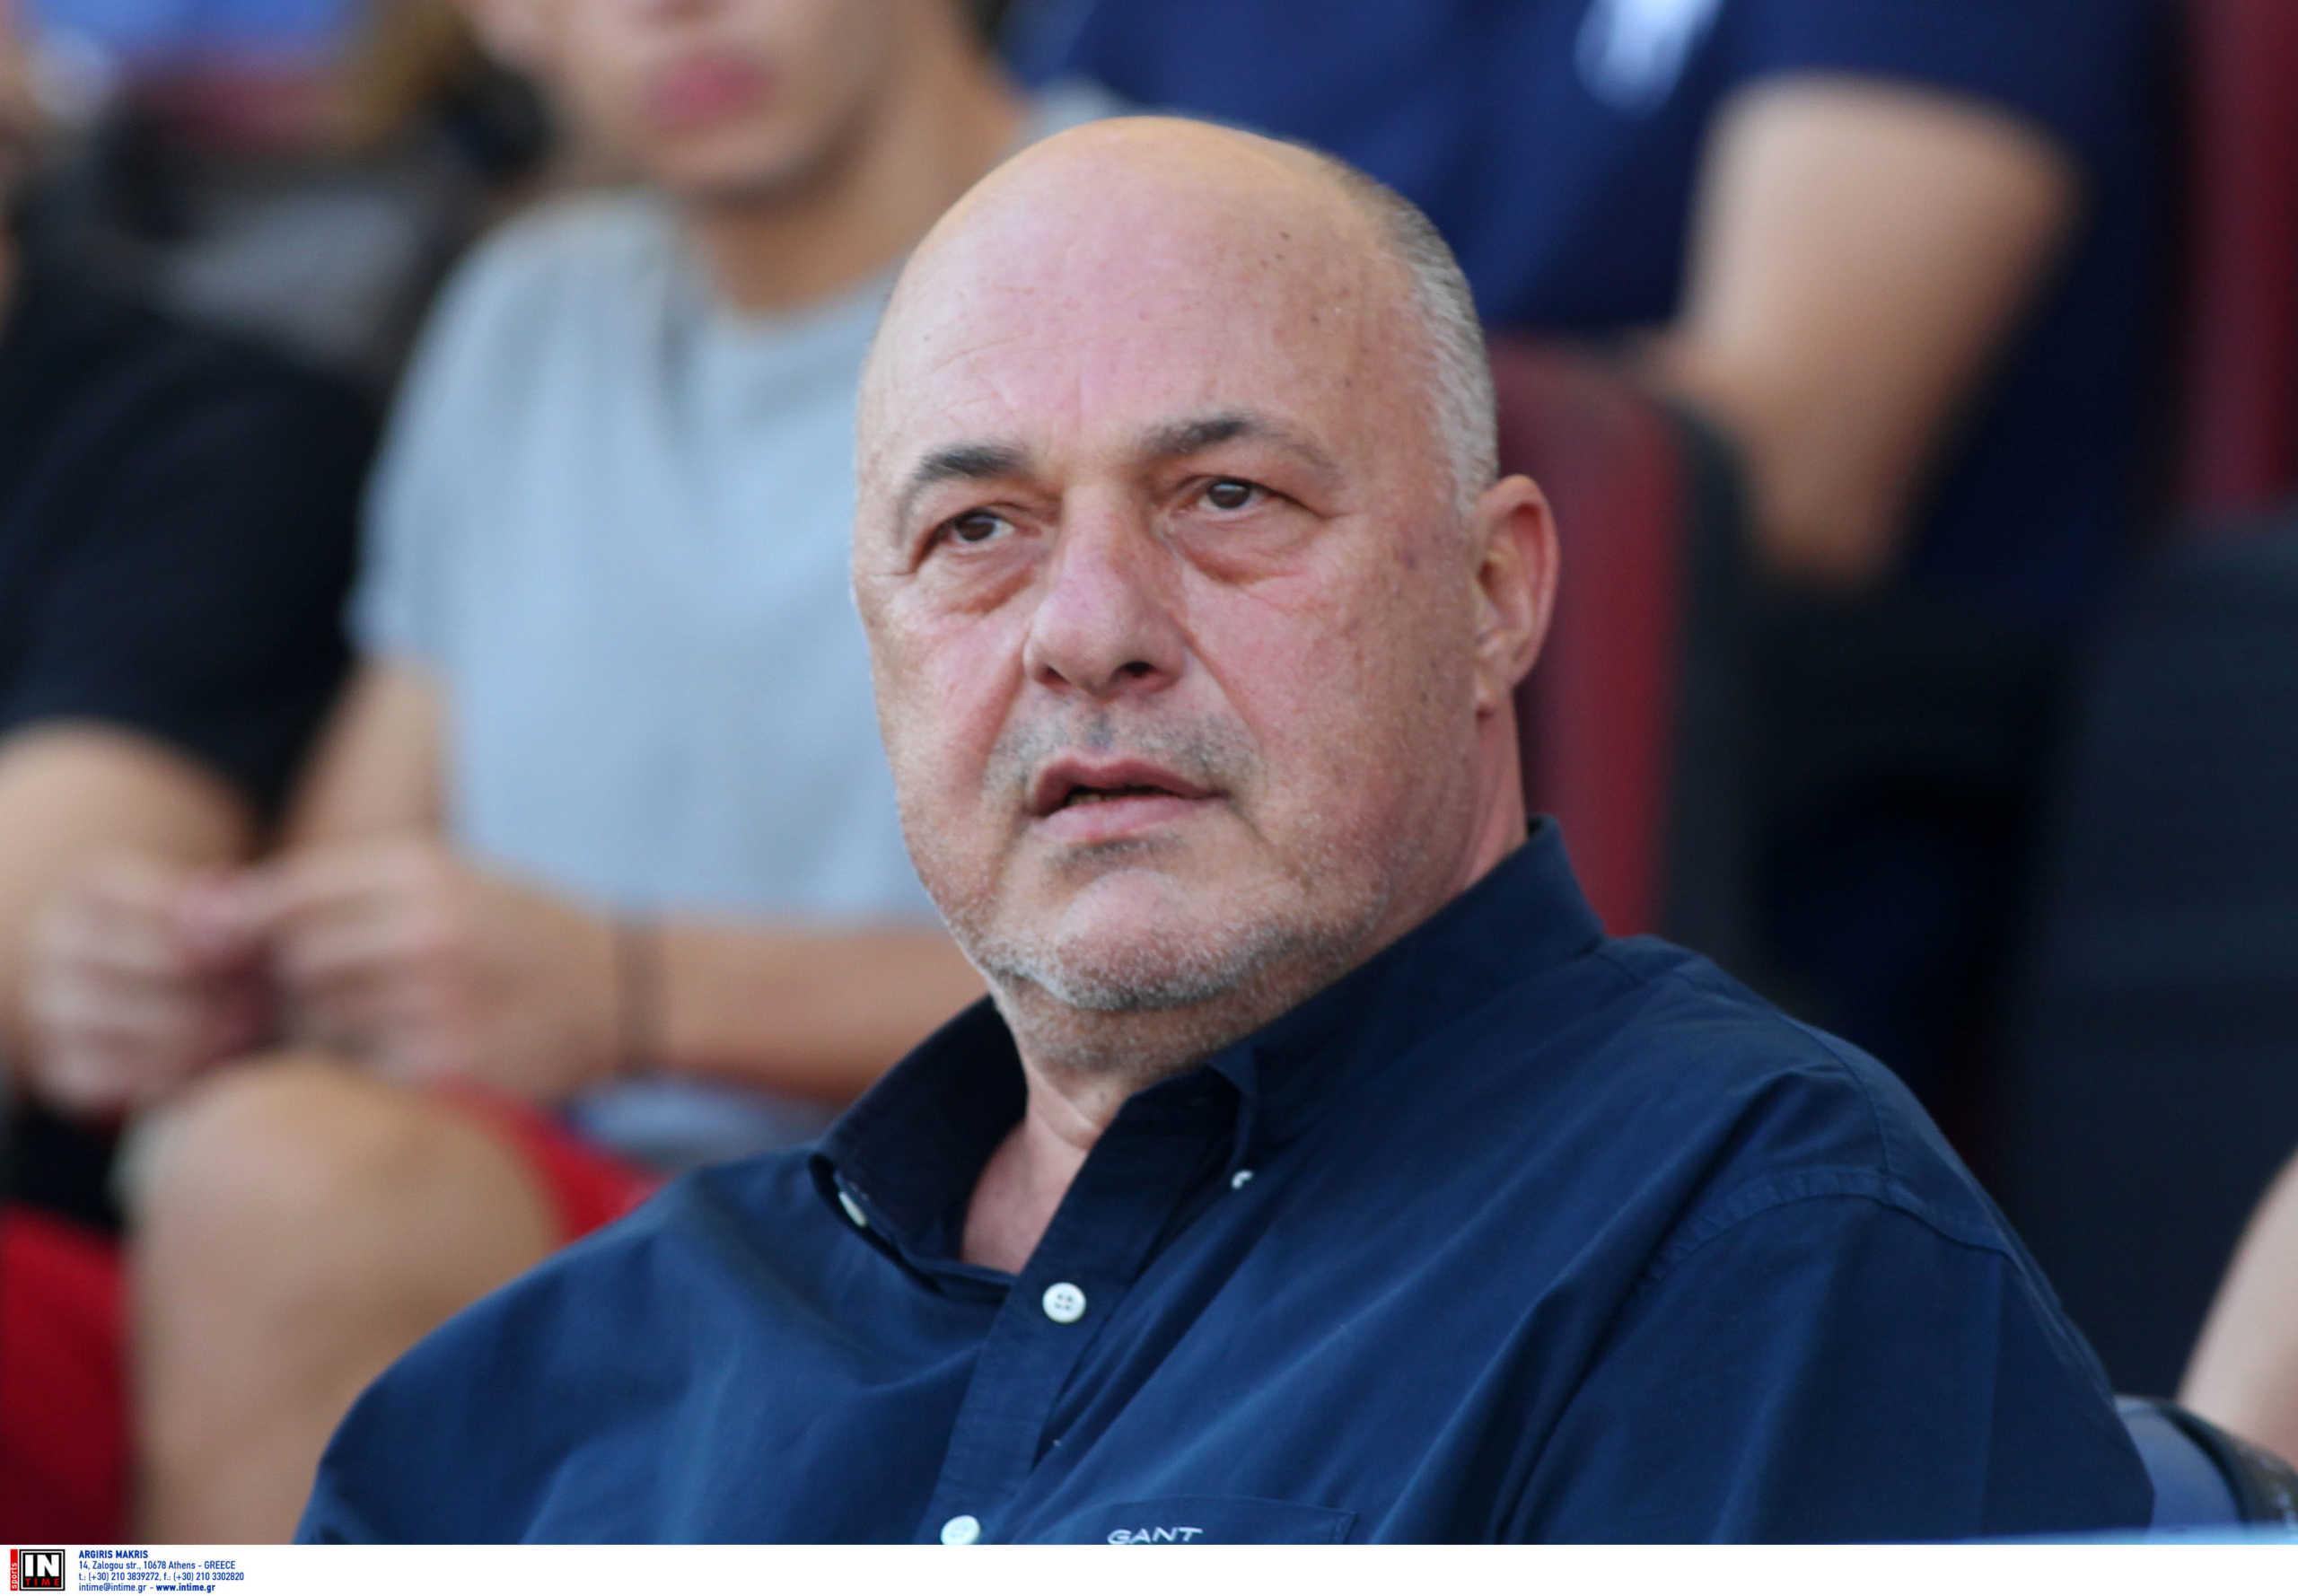 Βόλος: Μήνυση στον Αχιλλέα Μπέο με δικηγόρο τη Ζωή Κωνσταντοπούλου! Στα άκρα η διαμάχη